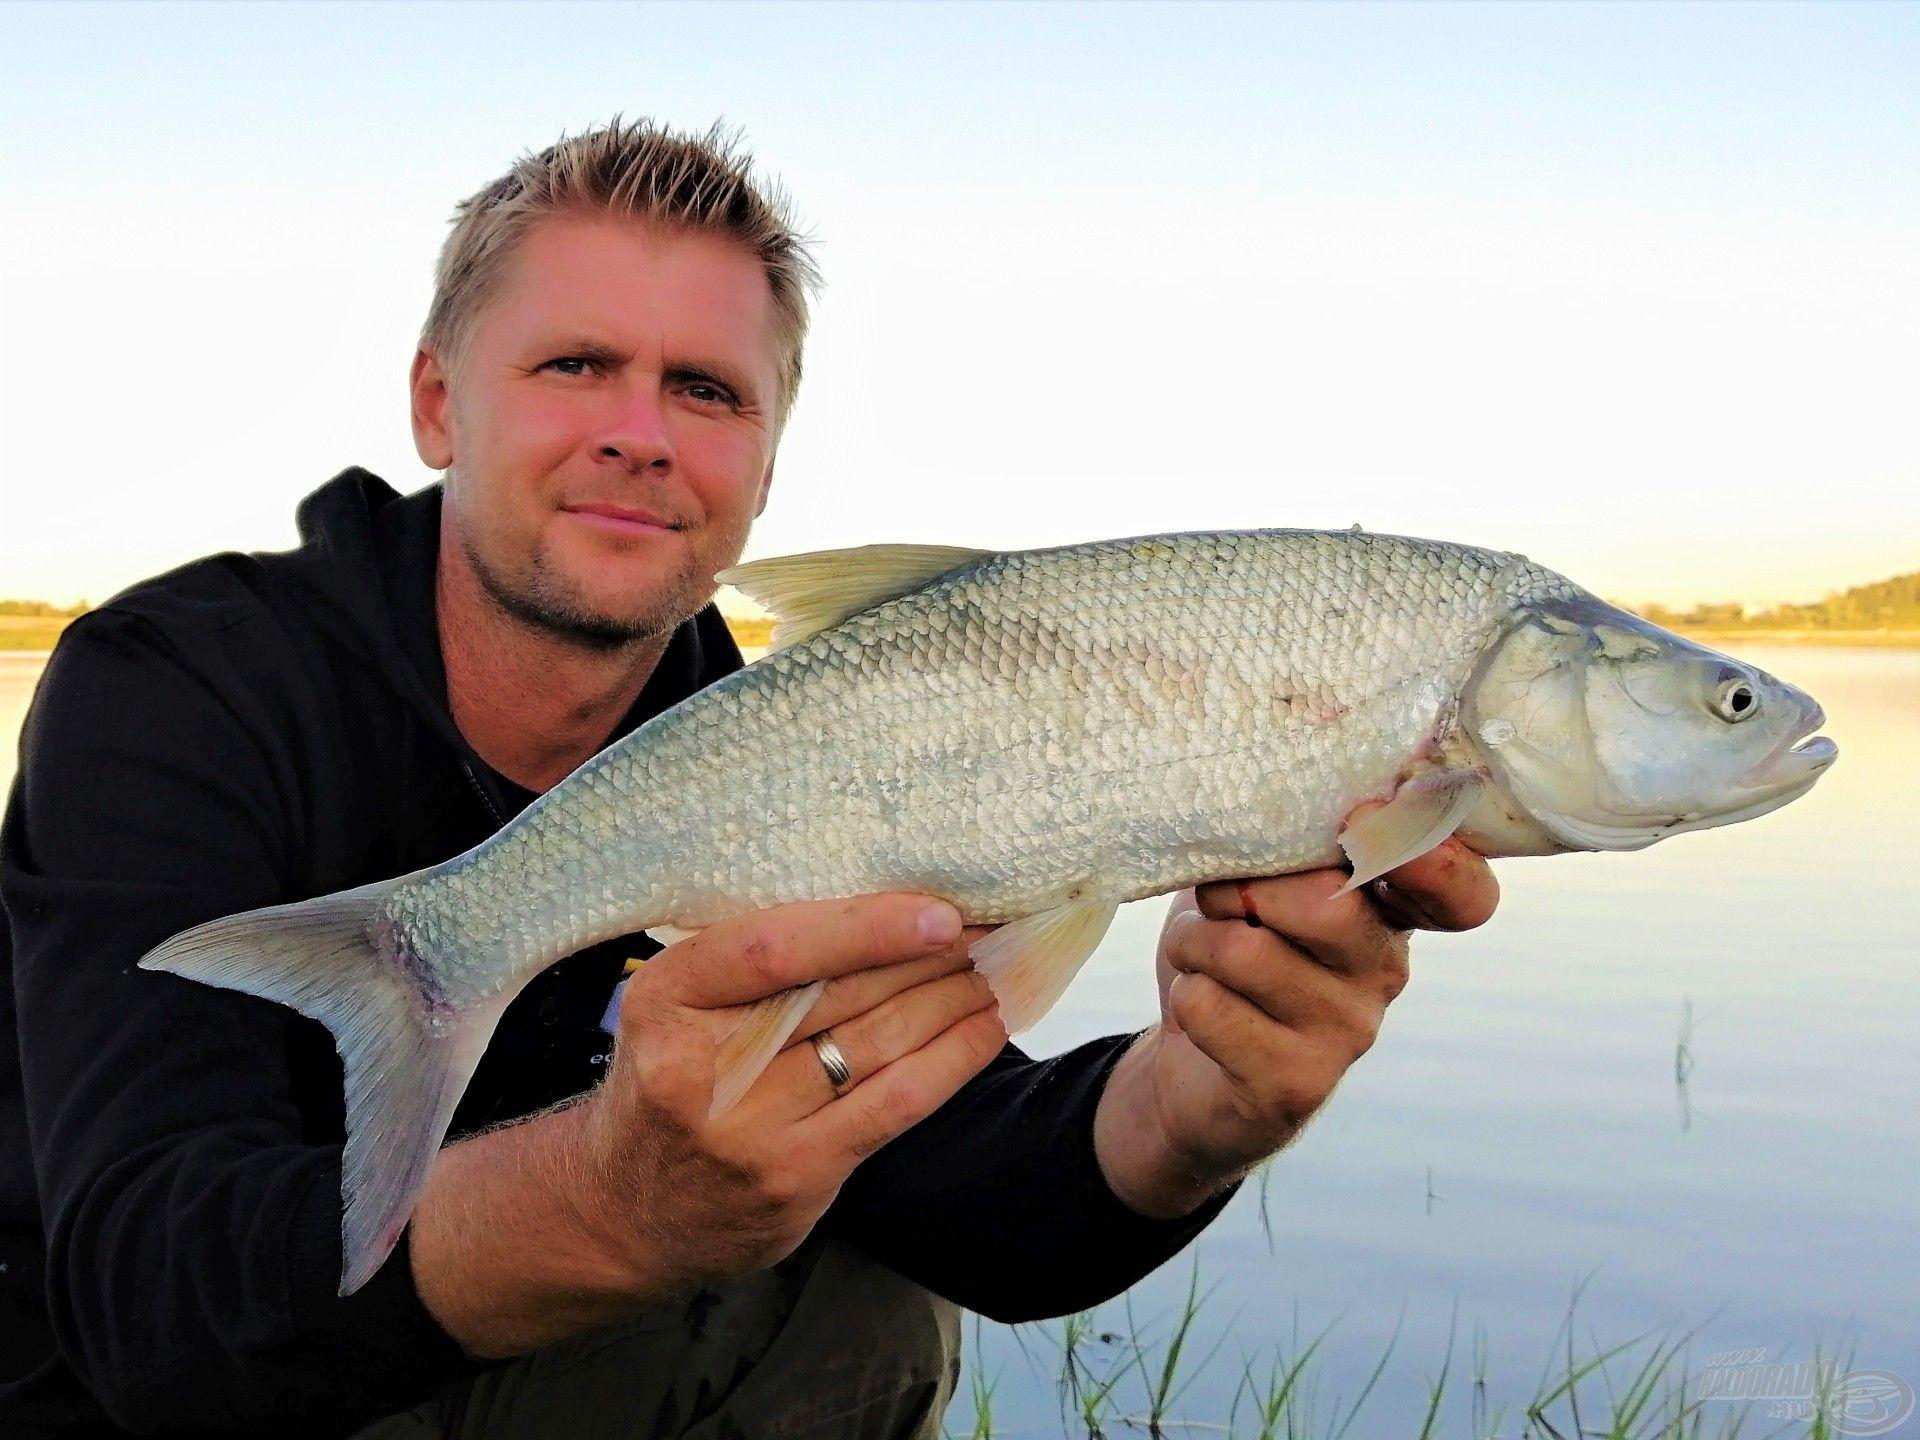 Éljétek át Ti is ezekkel a csodálatos halakkal a wobbleres pergetés legszebb pillanatait!